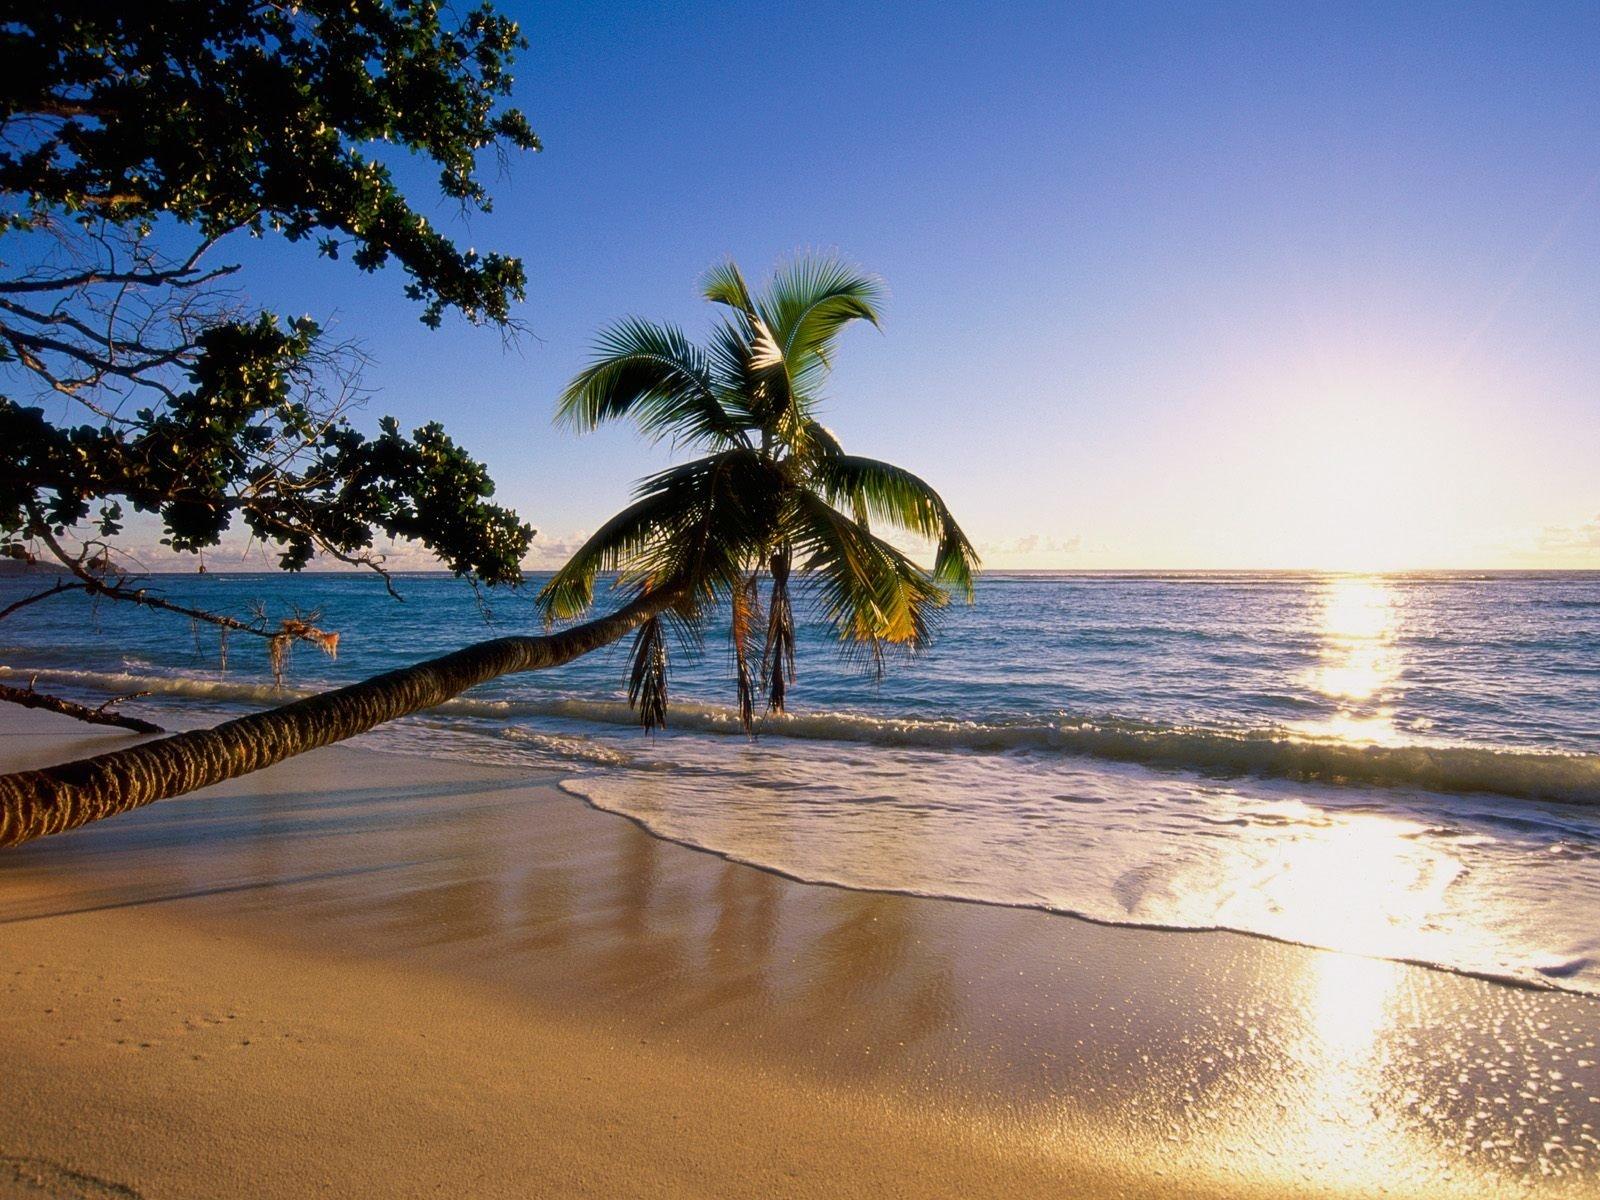 Tierra/Naturaleza - Playa  Tierra/Naturaleza Océano Atardecer Fondo de Pantalla